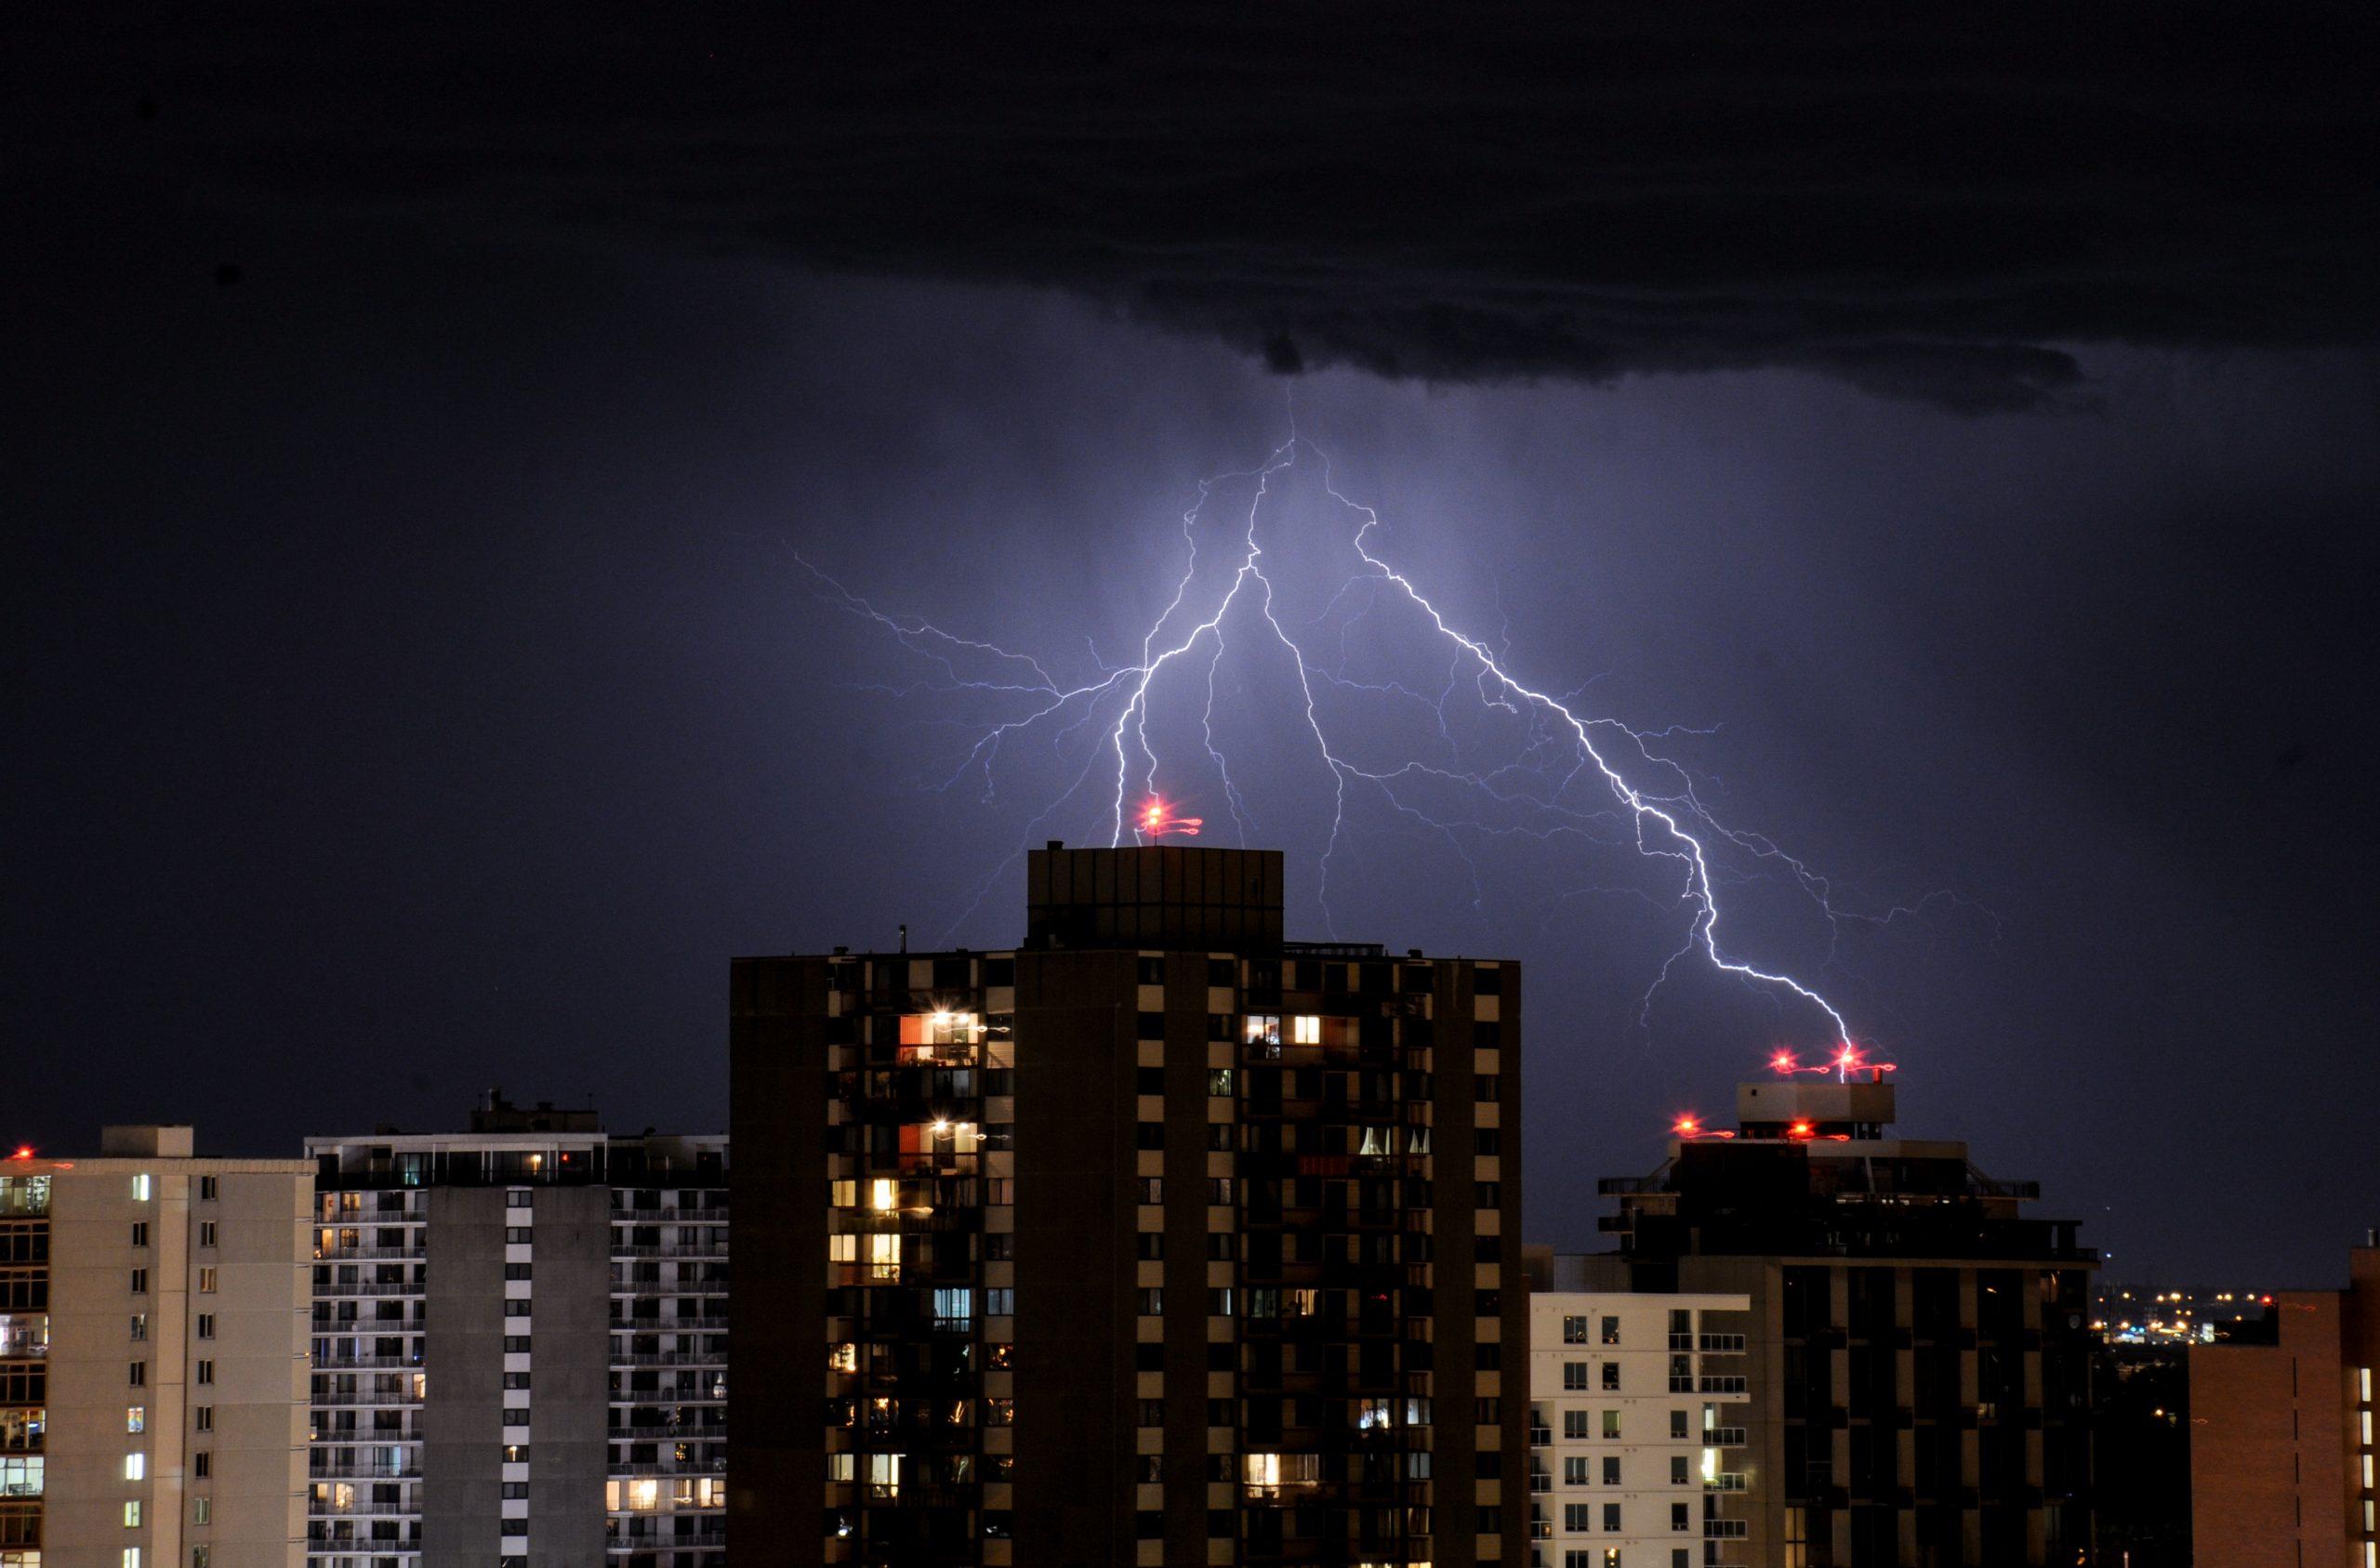 ANM a emis prognoza meteo pentru București. Vremea este instabilă până sâmbătă